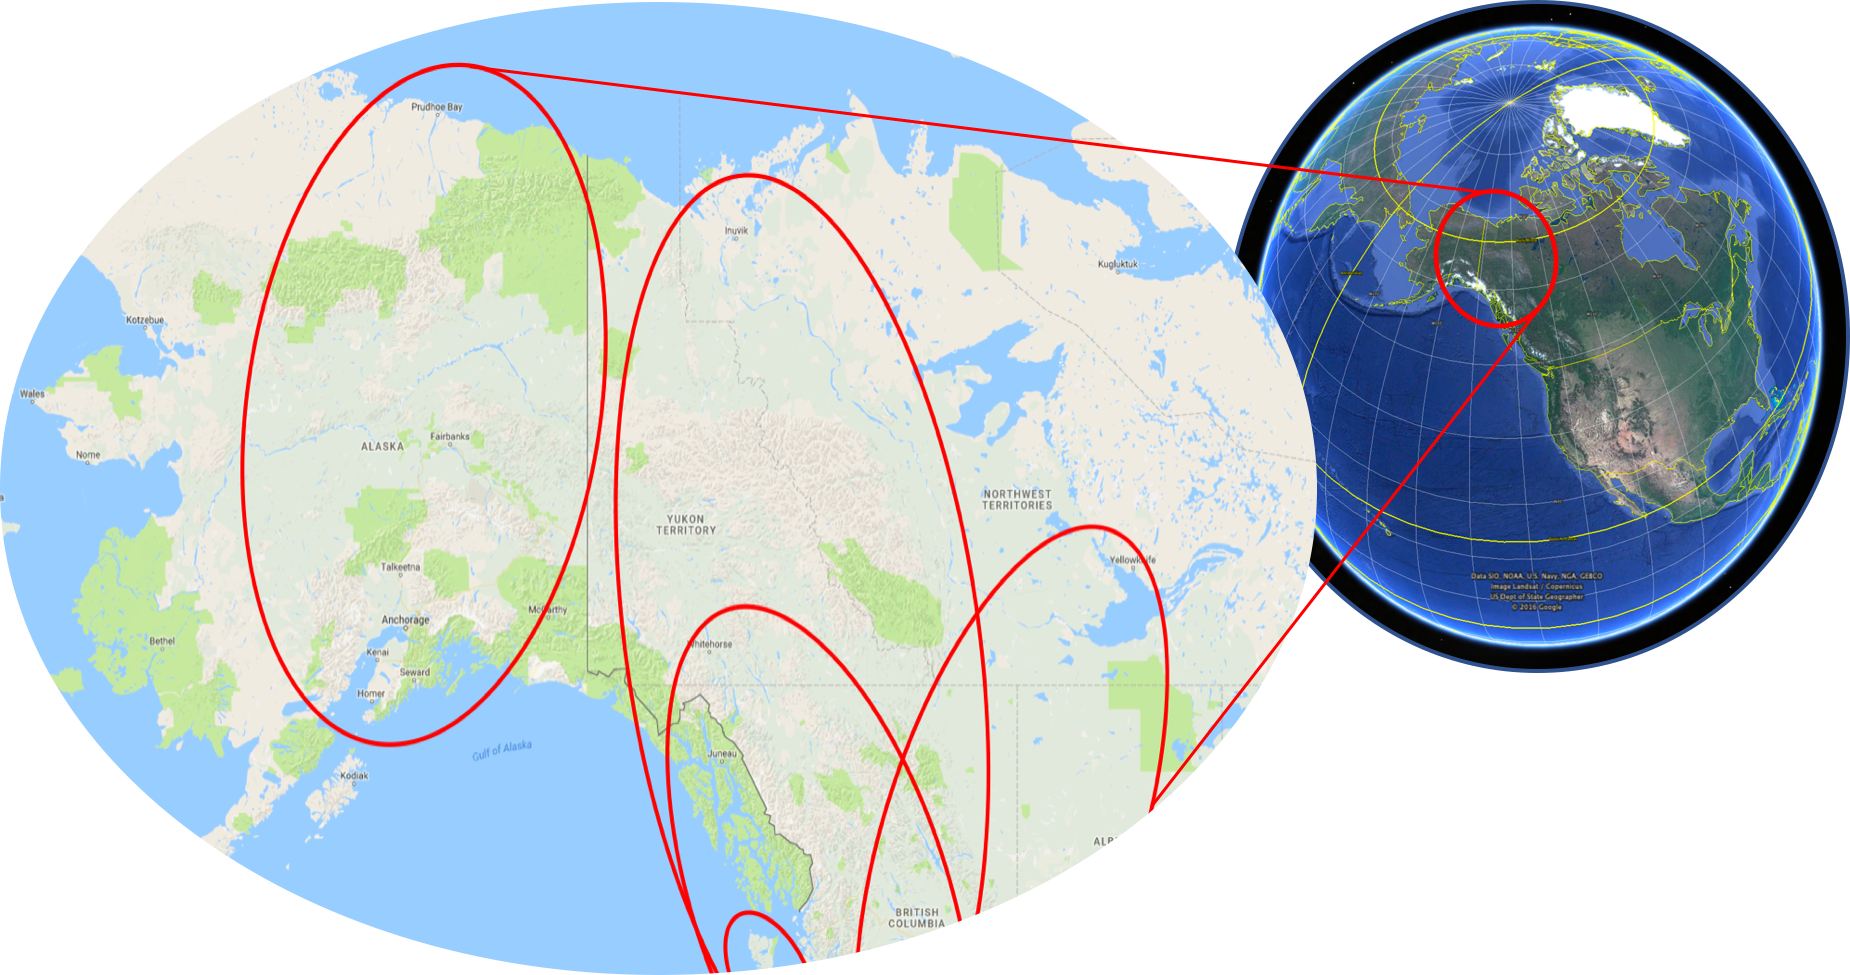 North America - the far north